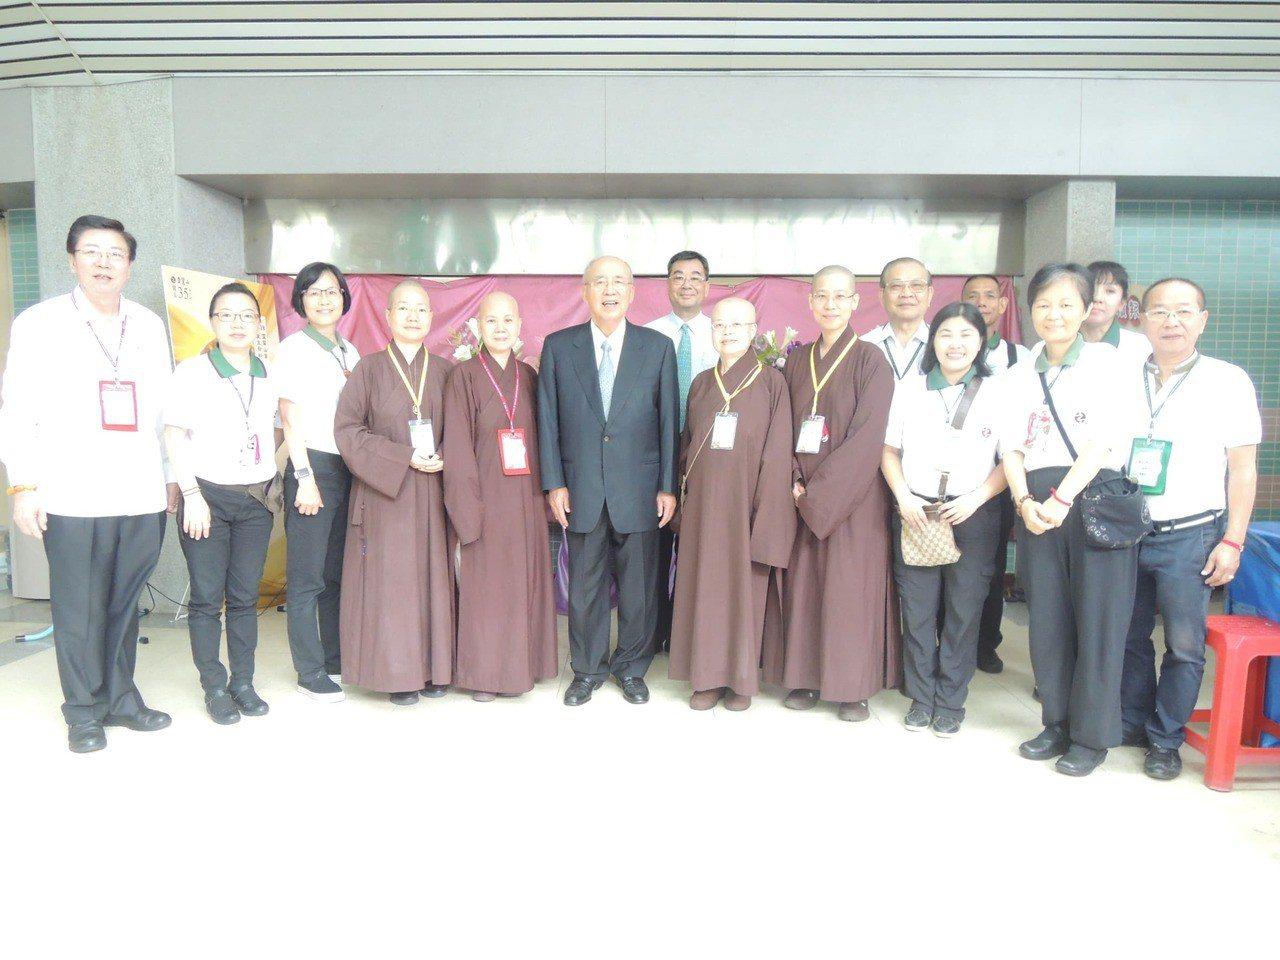 國民黨榮譽主席吳伯雄(中)今天參加靈鷲山水陸空大法會。圖/靈鷲山佛教教團提供